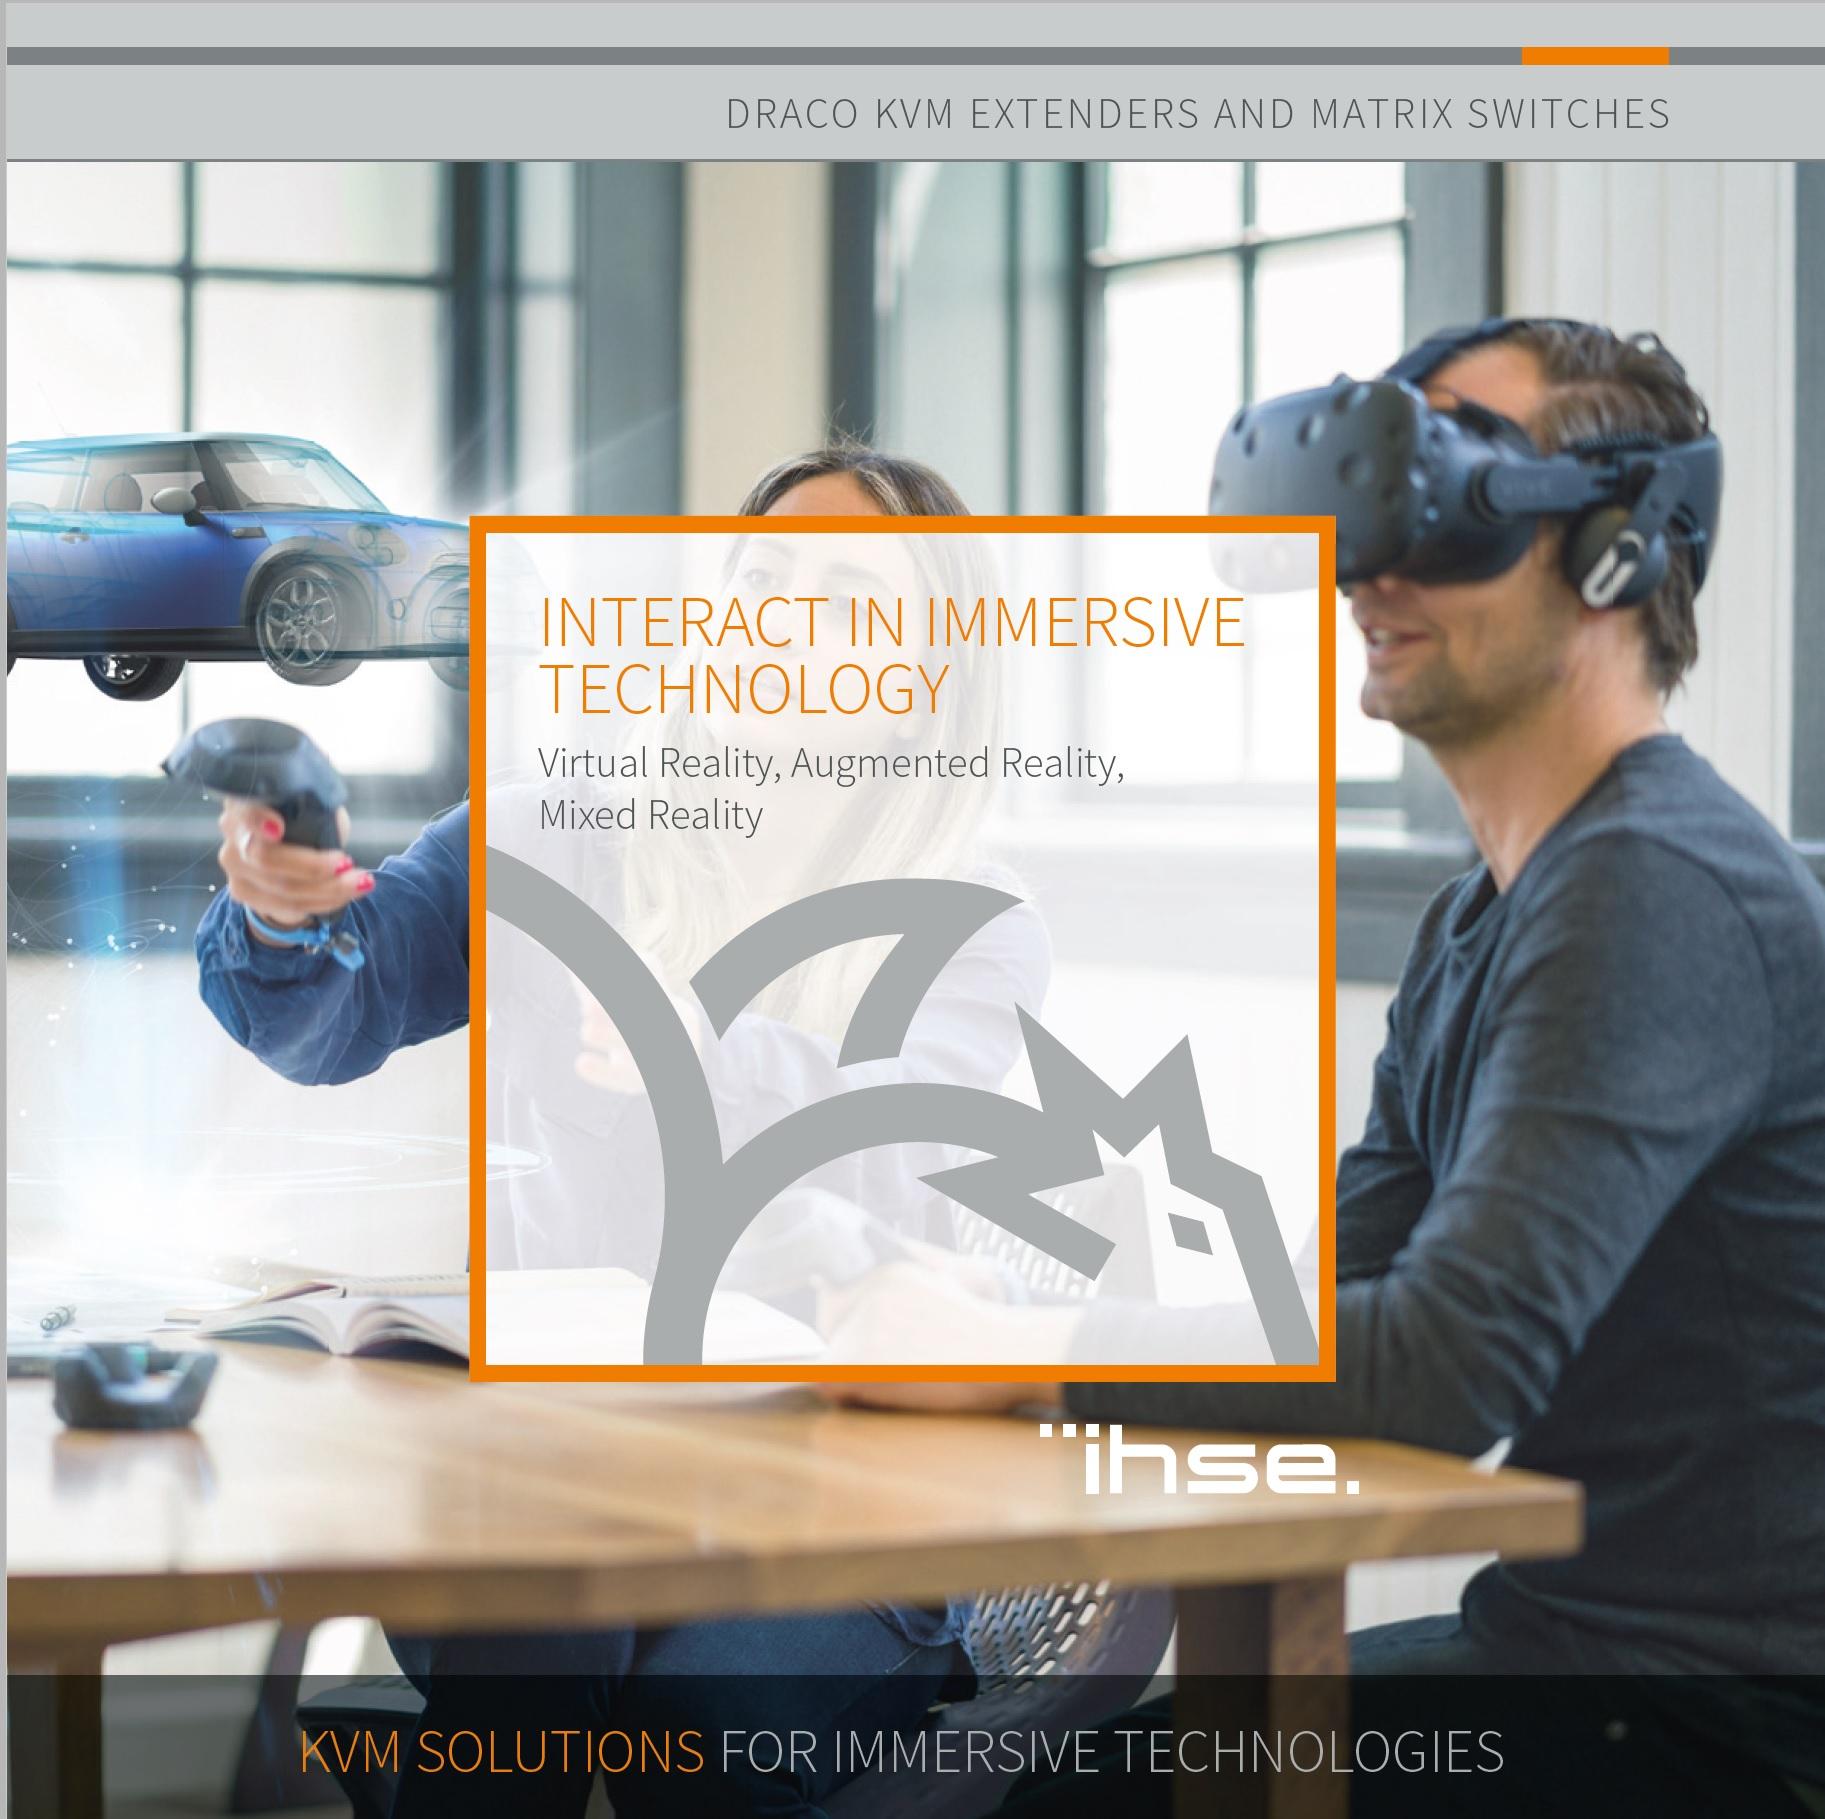 IHSE KVM Solutions for Immersive Technologies / VR